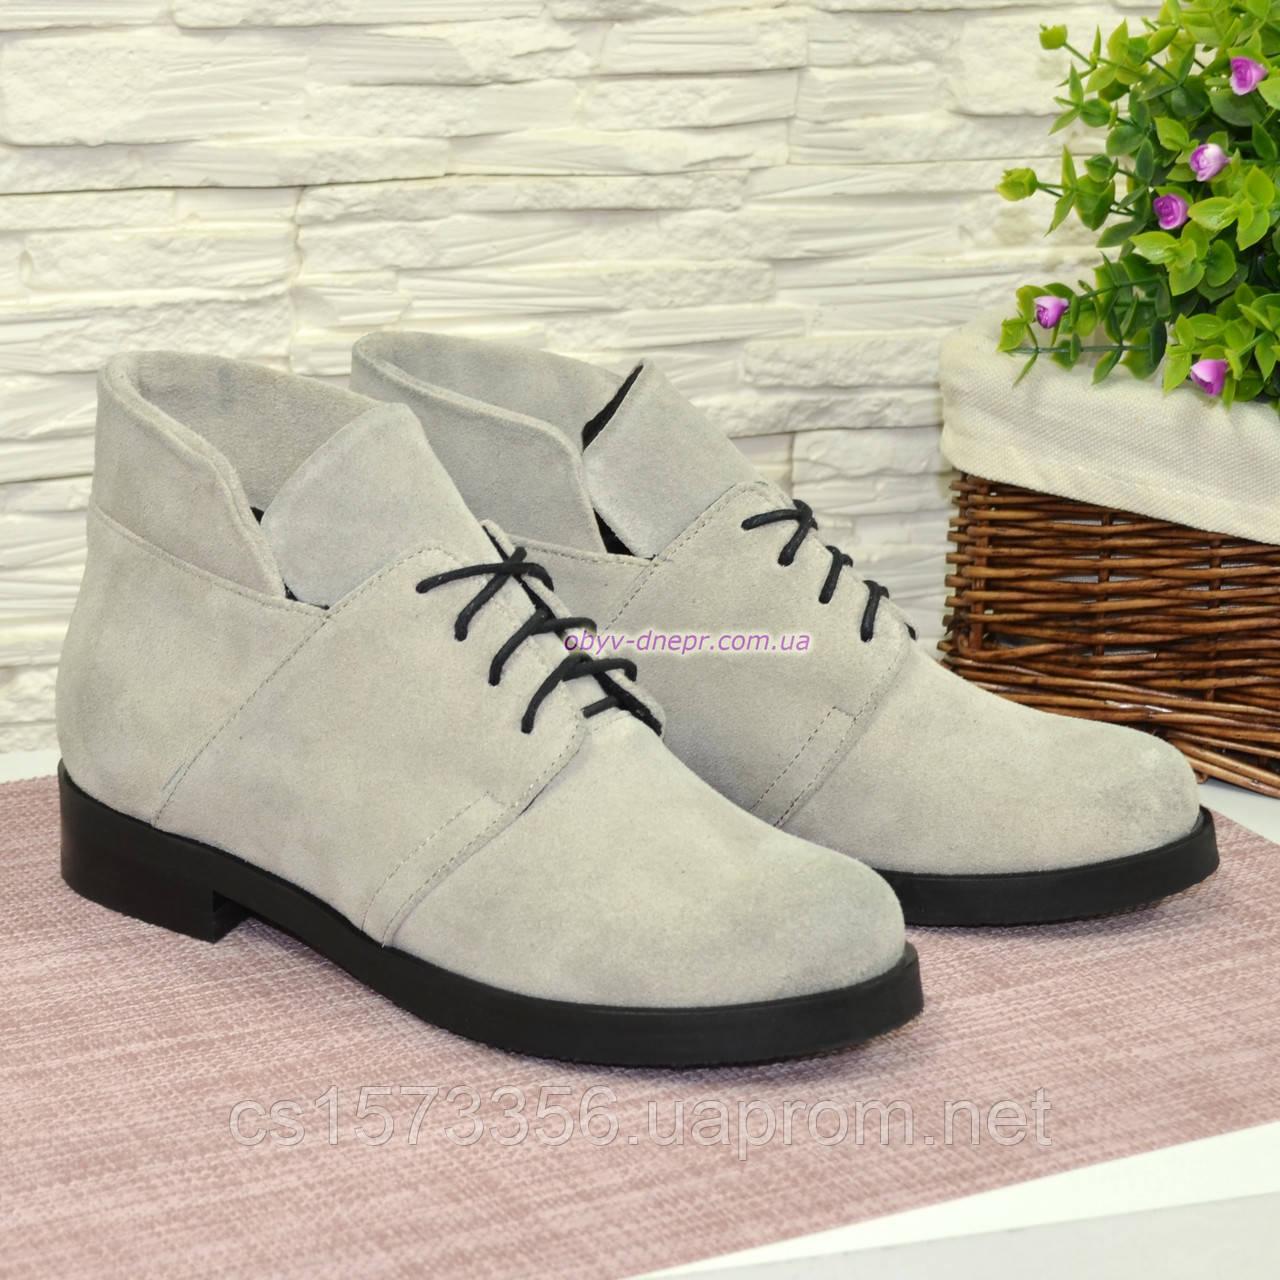 Черевики замшеві туфлі на невисокому каблуці, колір сірий. 36 розмір